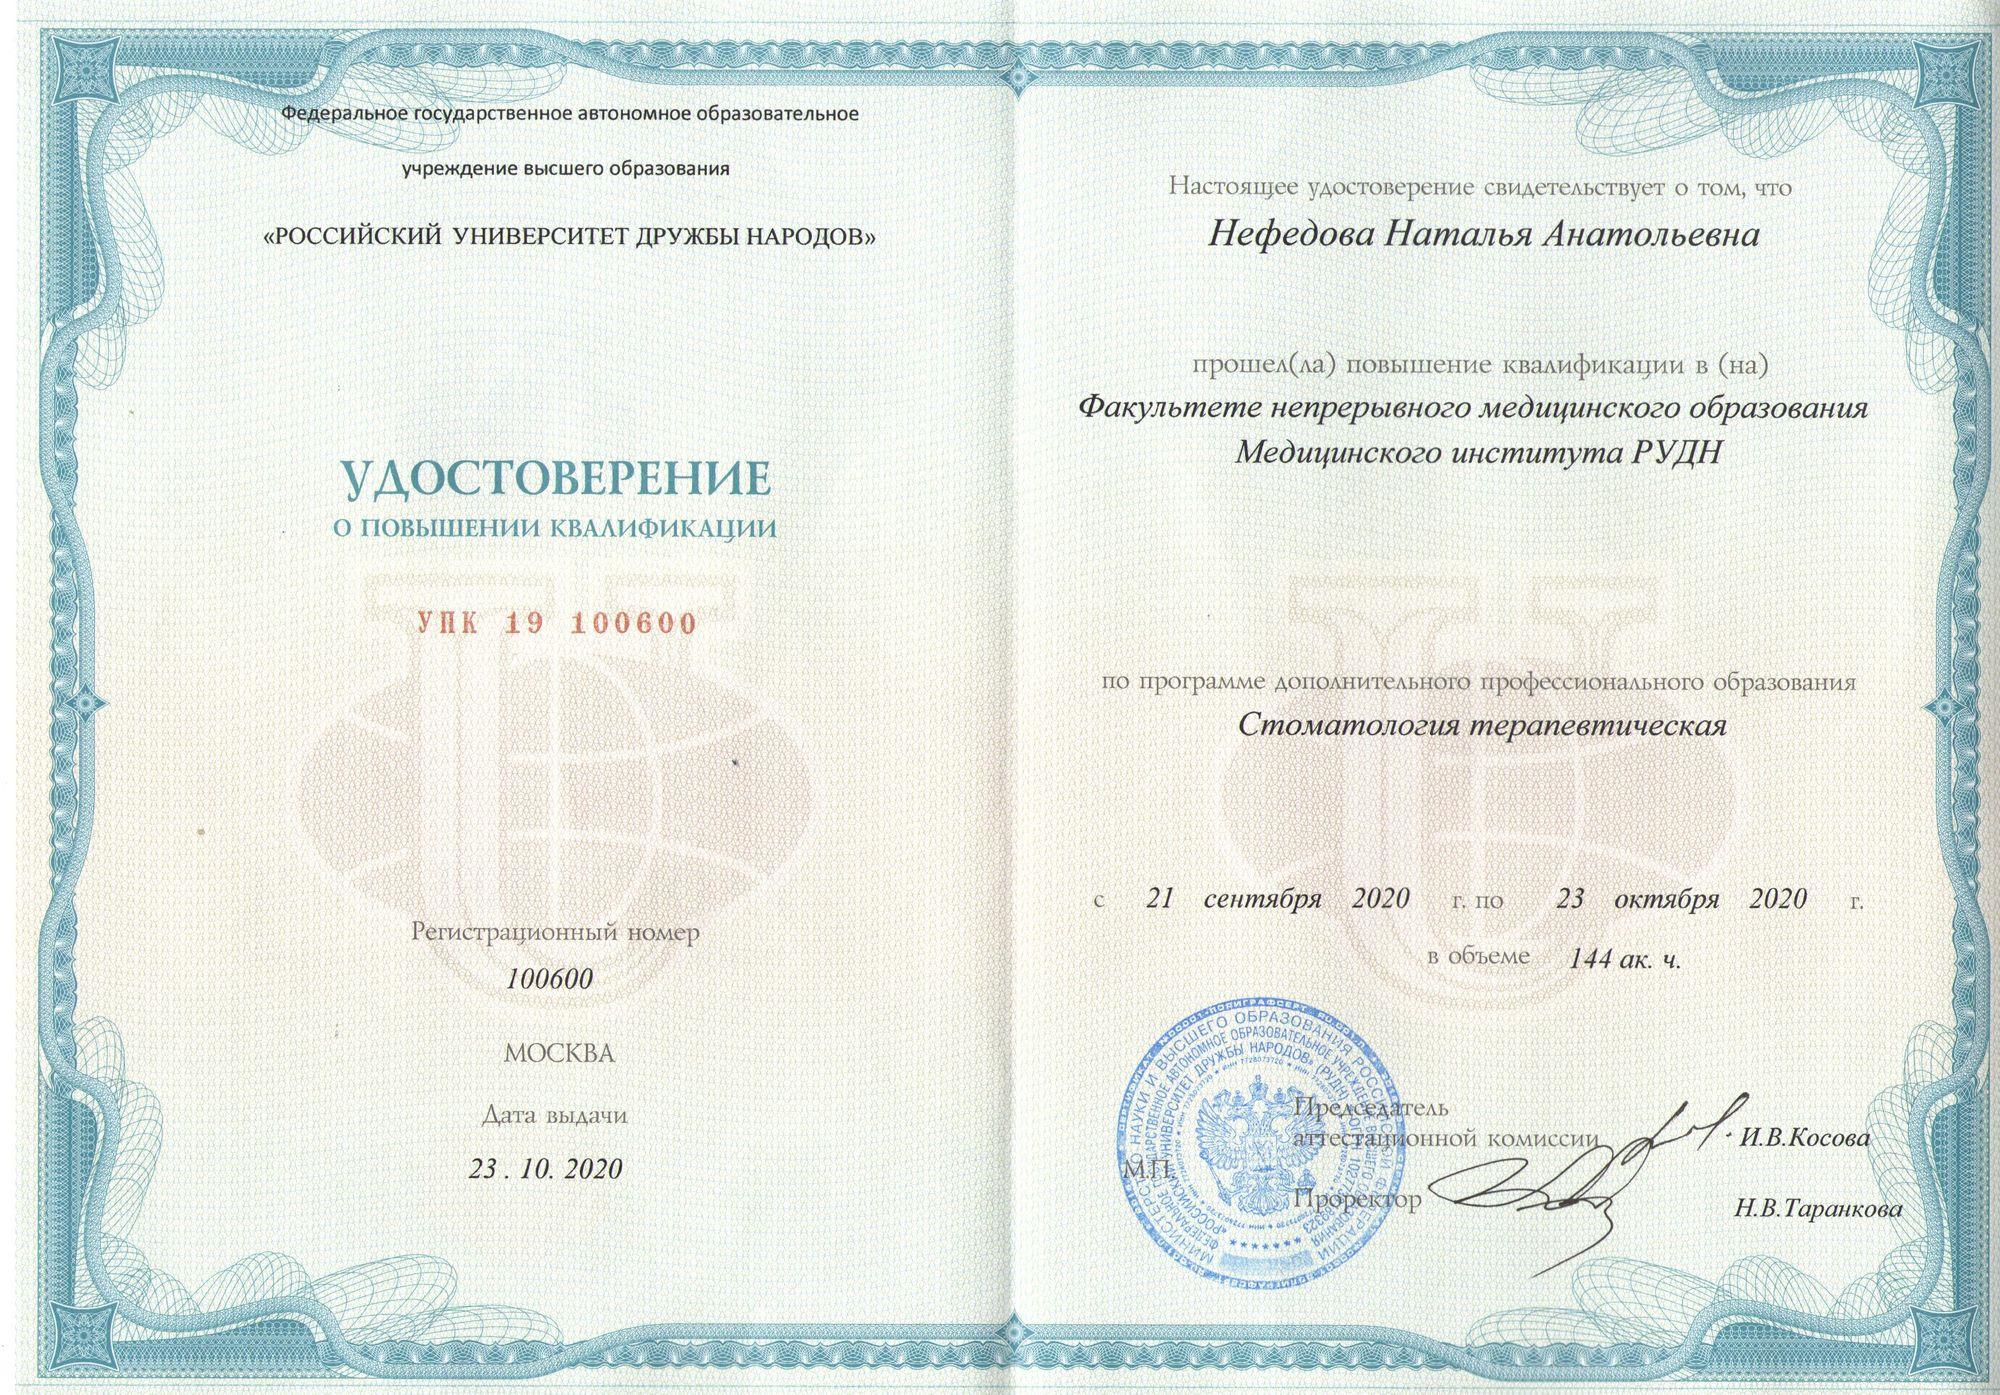 Нефедова_сертификаты_02